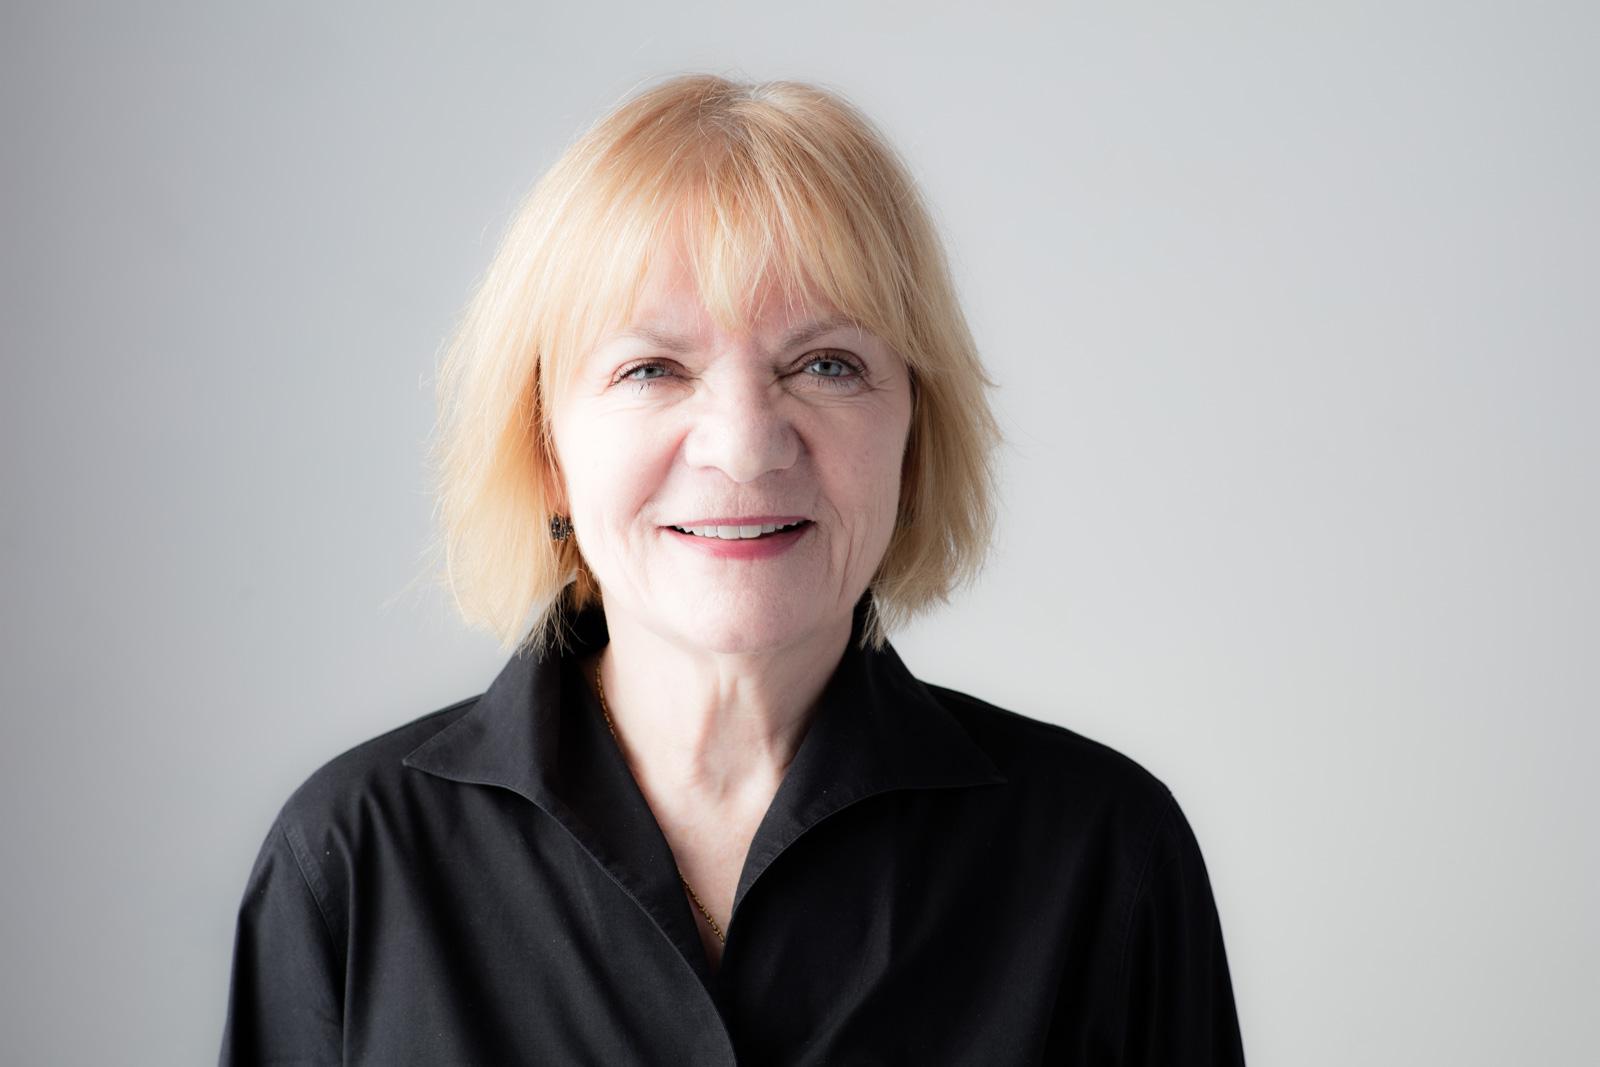 Professor Patricia Illingworth